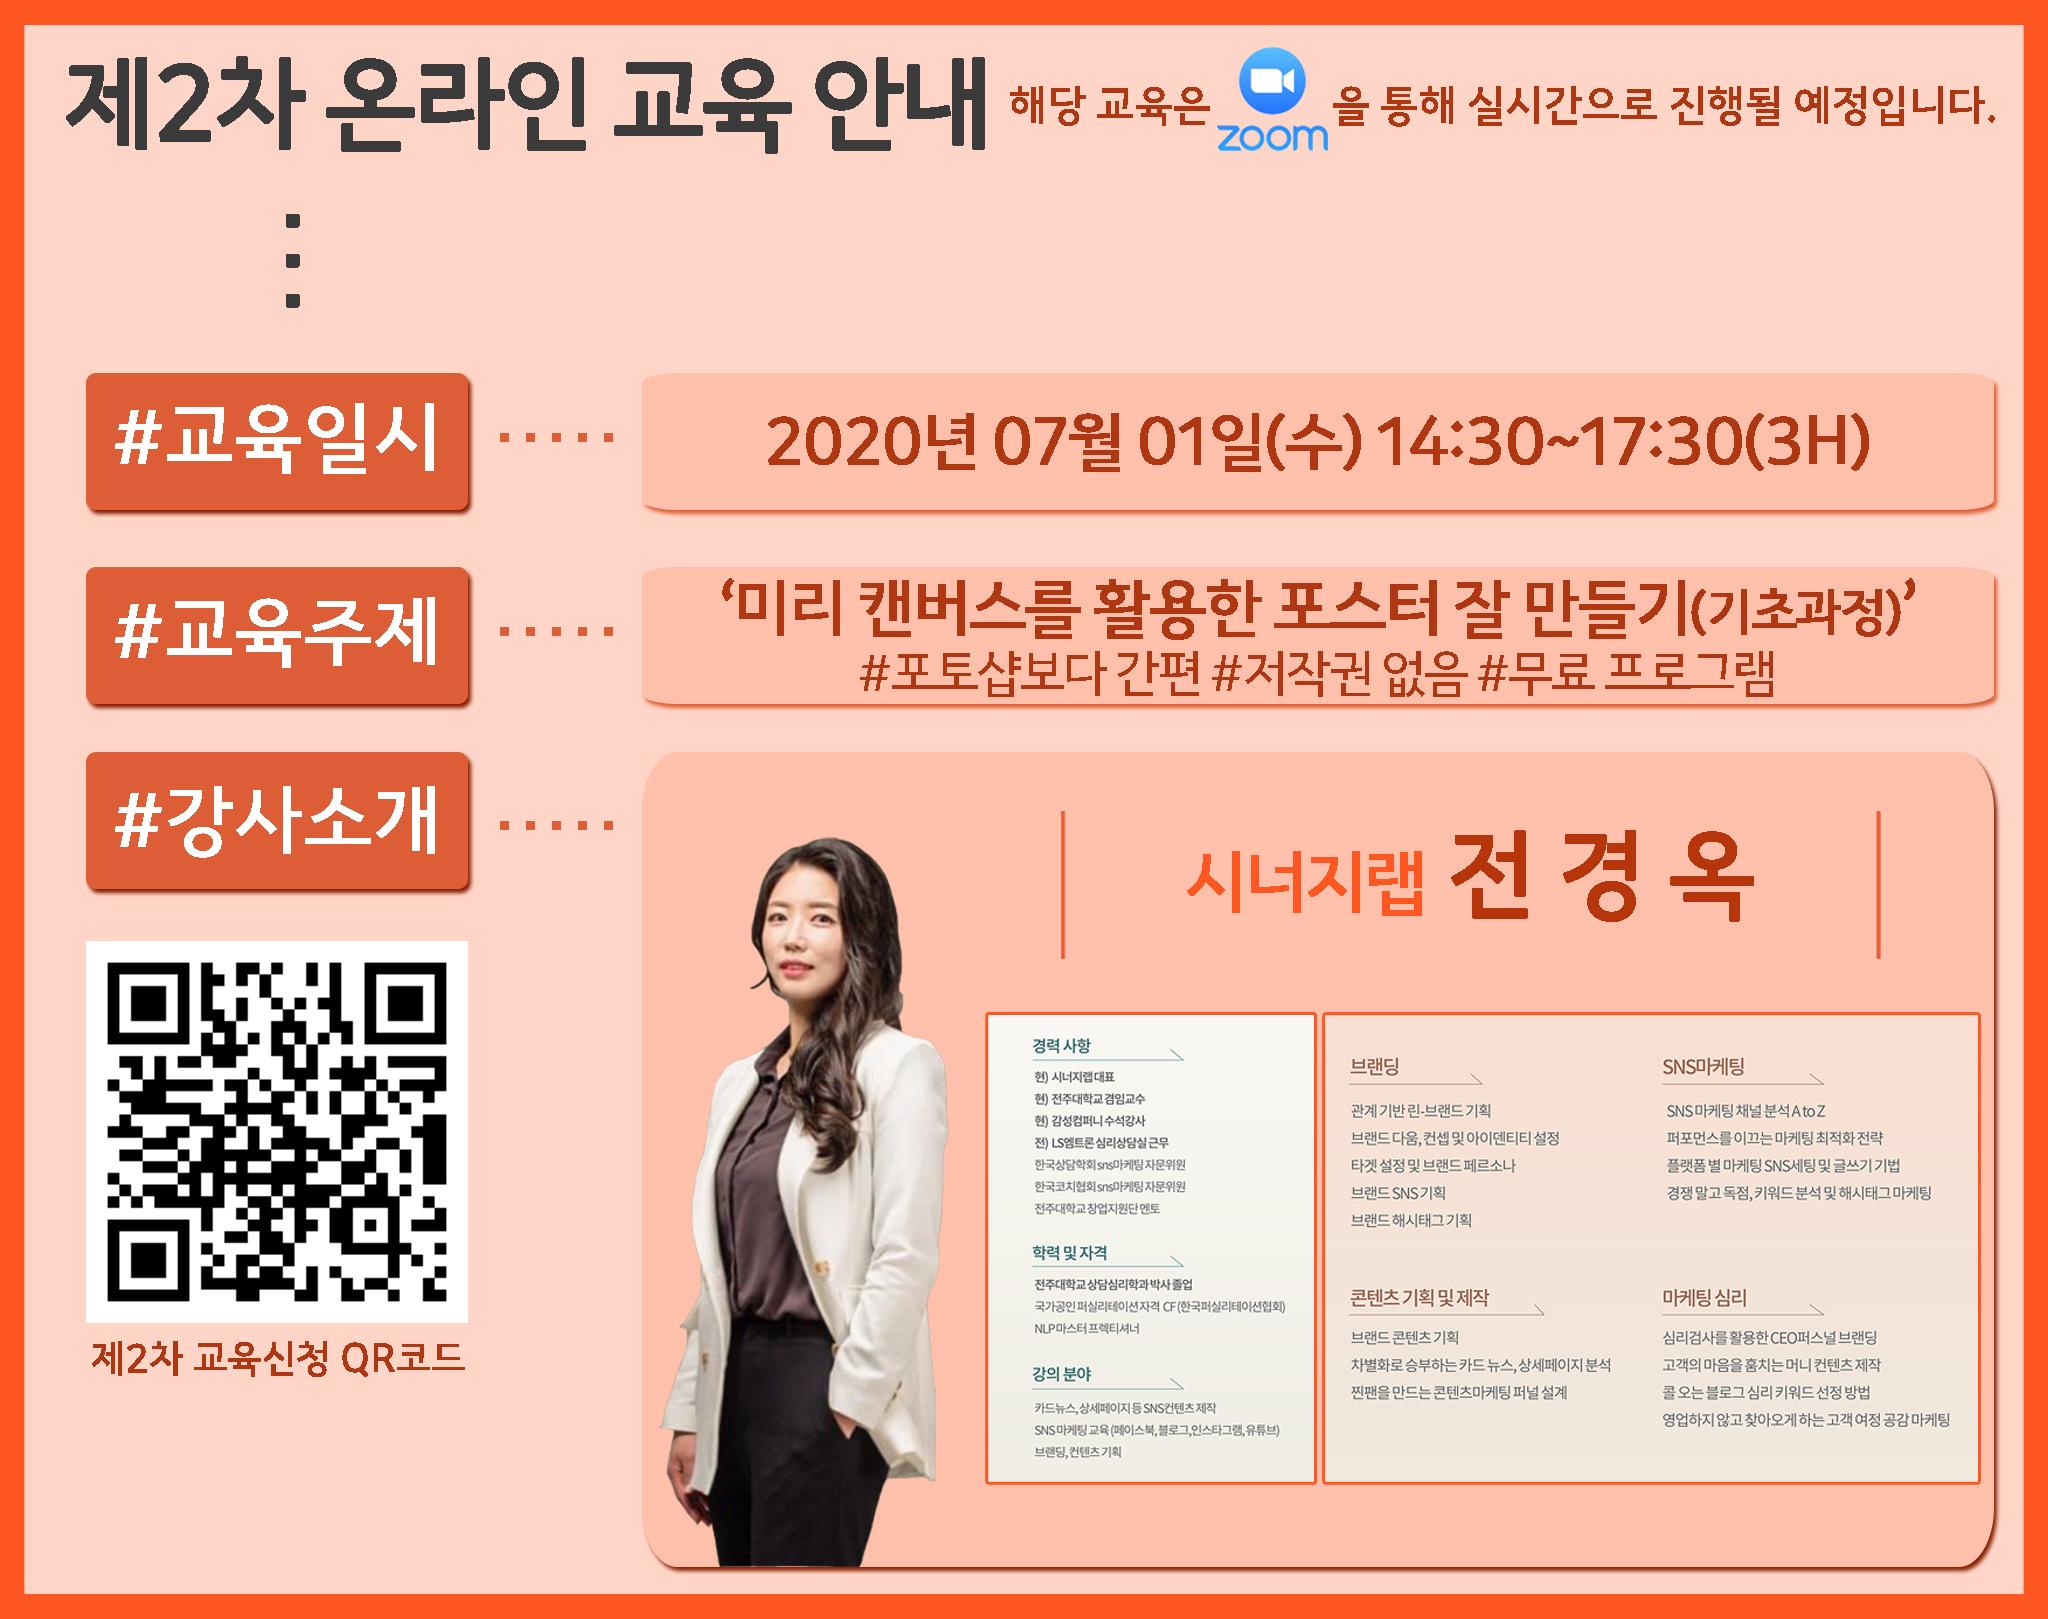 사회복지사 역량강화 온라인 교육 실시 안내-4.jpg